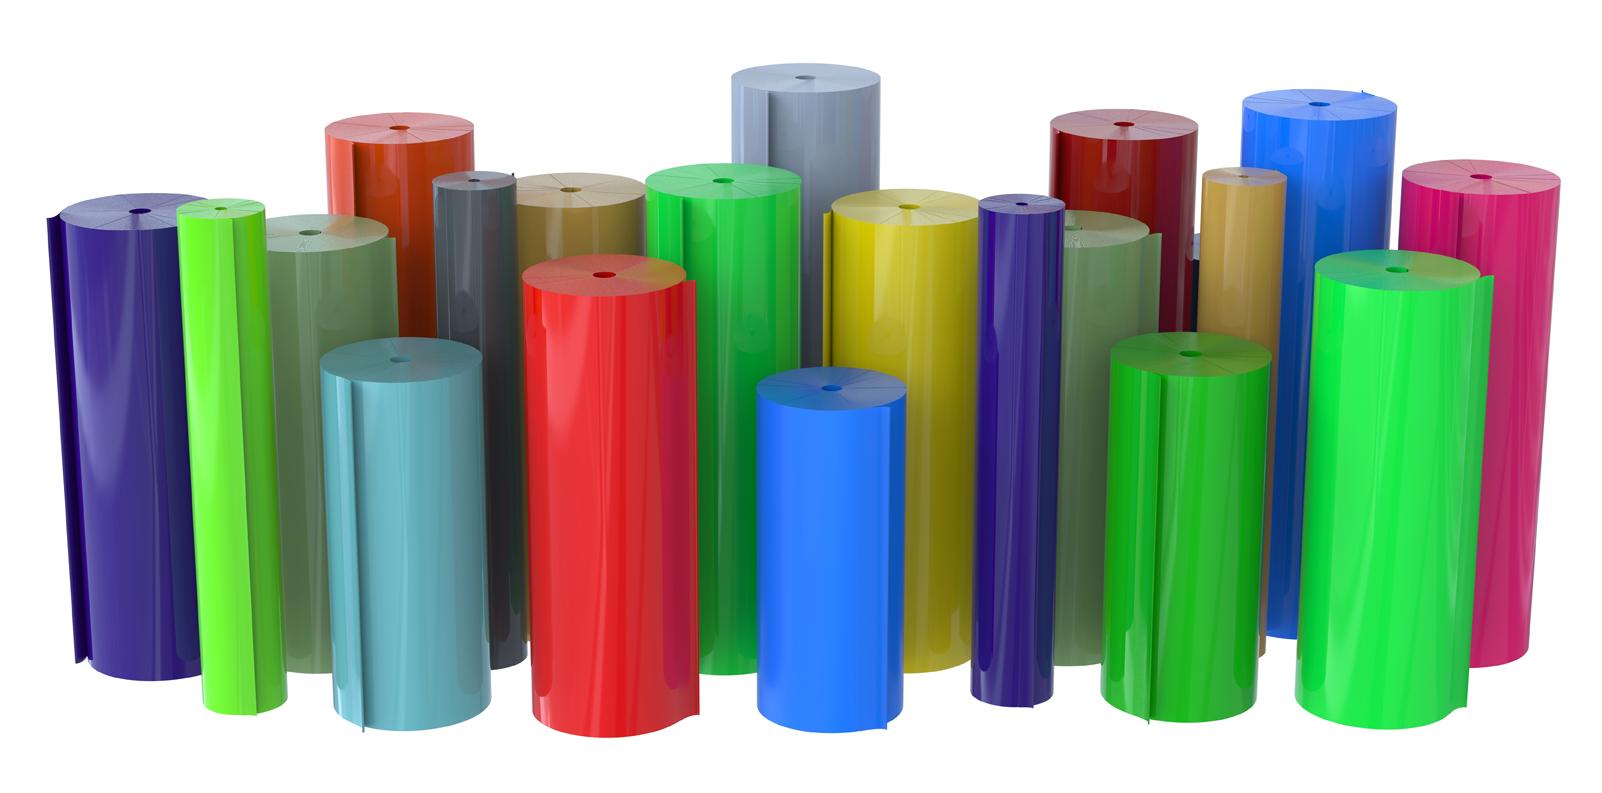 Vinilo adhesivo en lugo - Pegatinas para las paredes ...